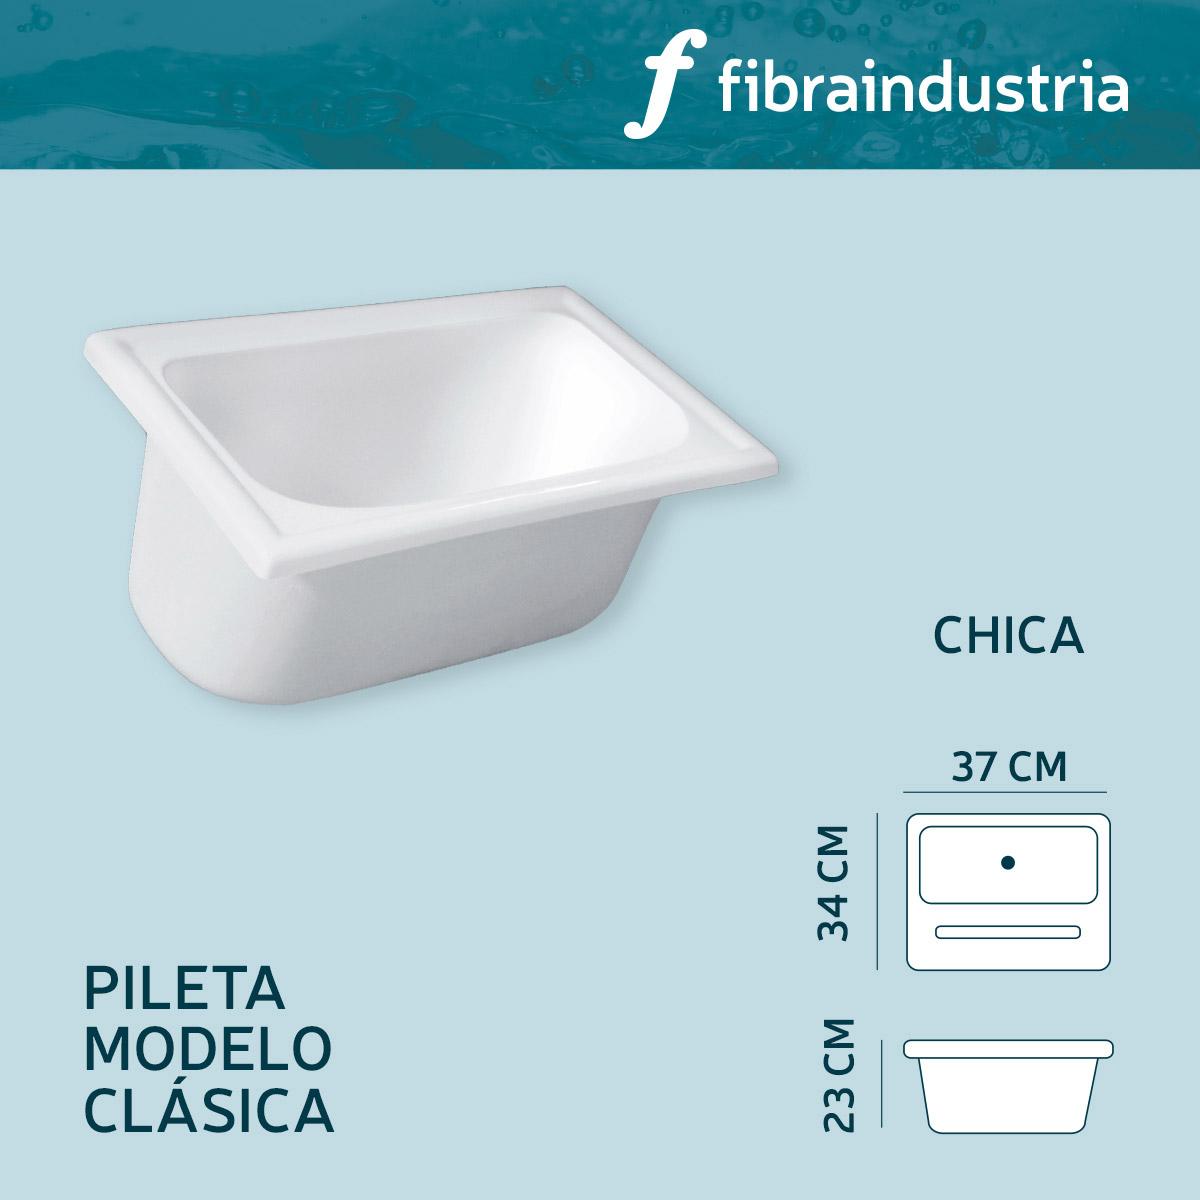 Pileta Fibraindustria Marmol Sintetico 34 X 37 Clasica Chica